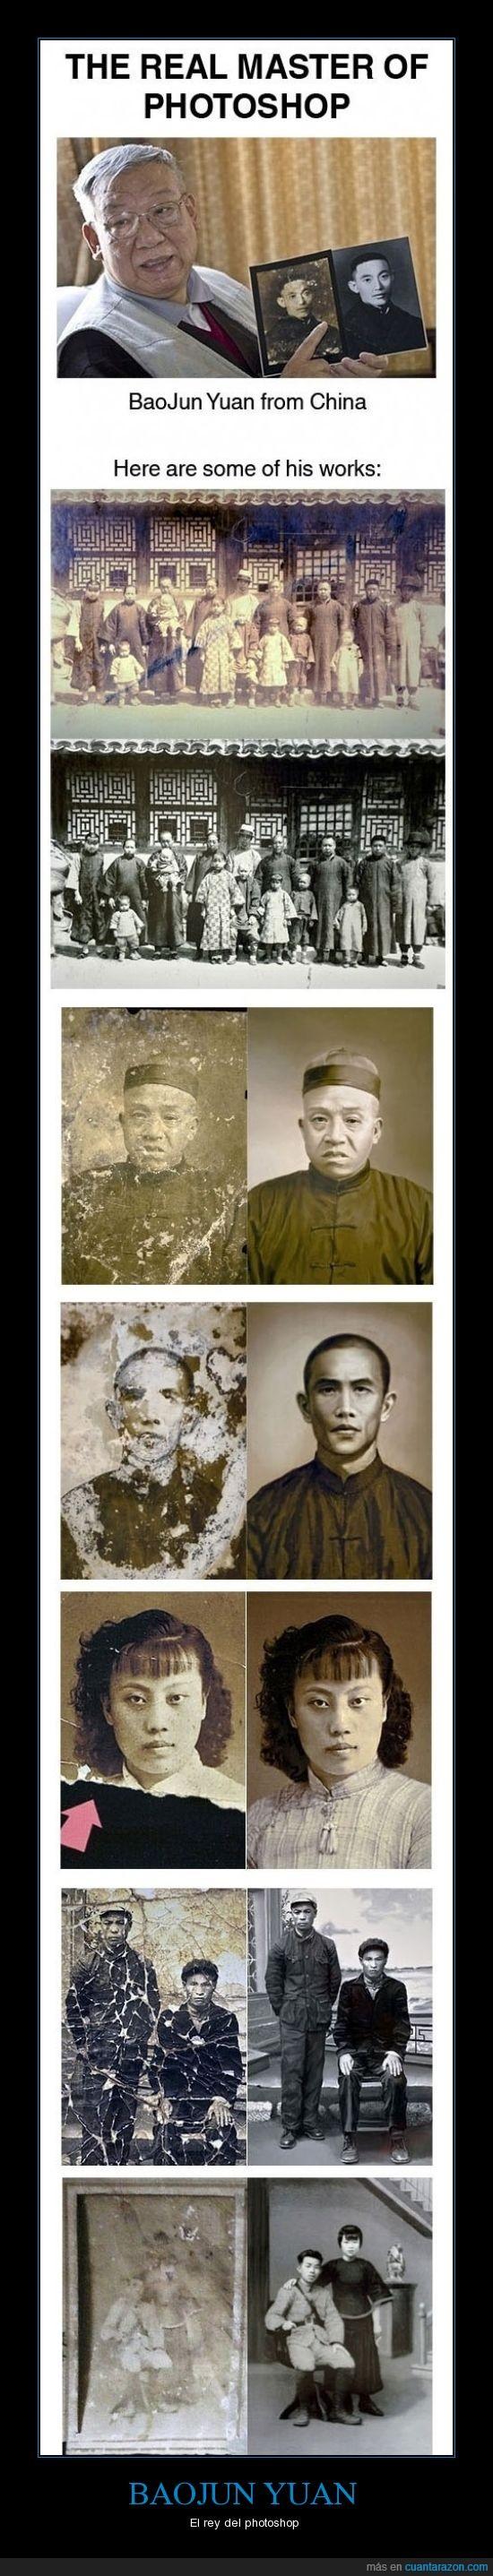 antigua,arregla,Asiático tenía que ser,BauJun Yuan,China,foto,photoshop,rey